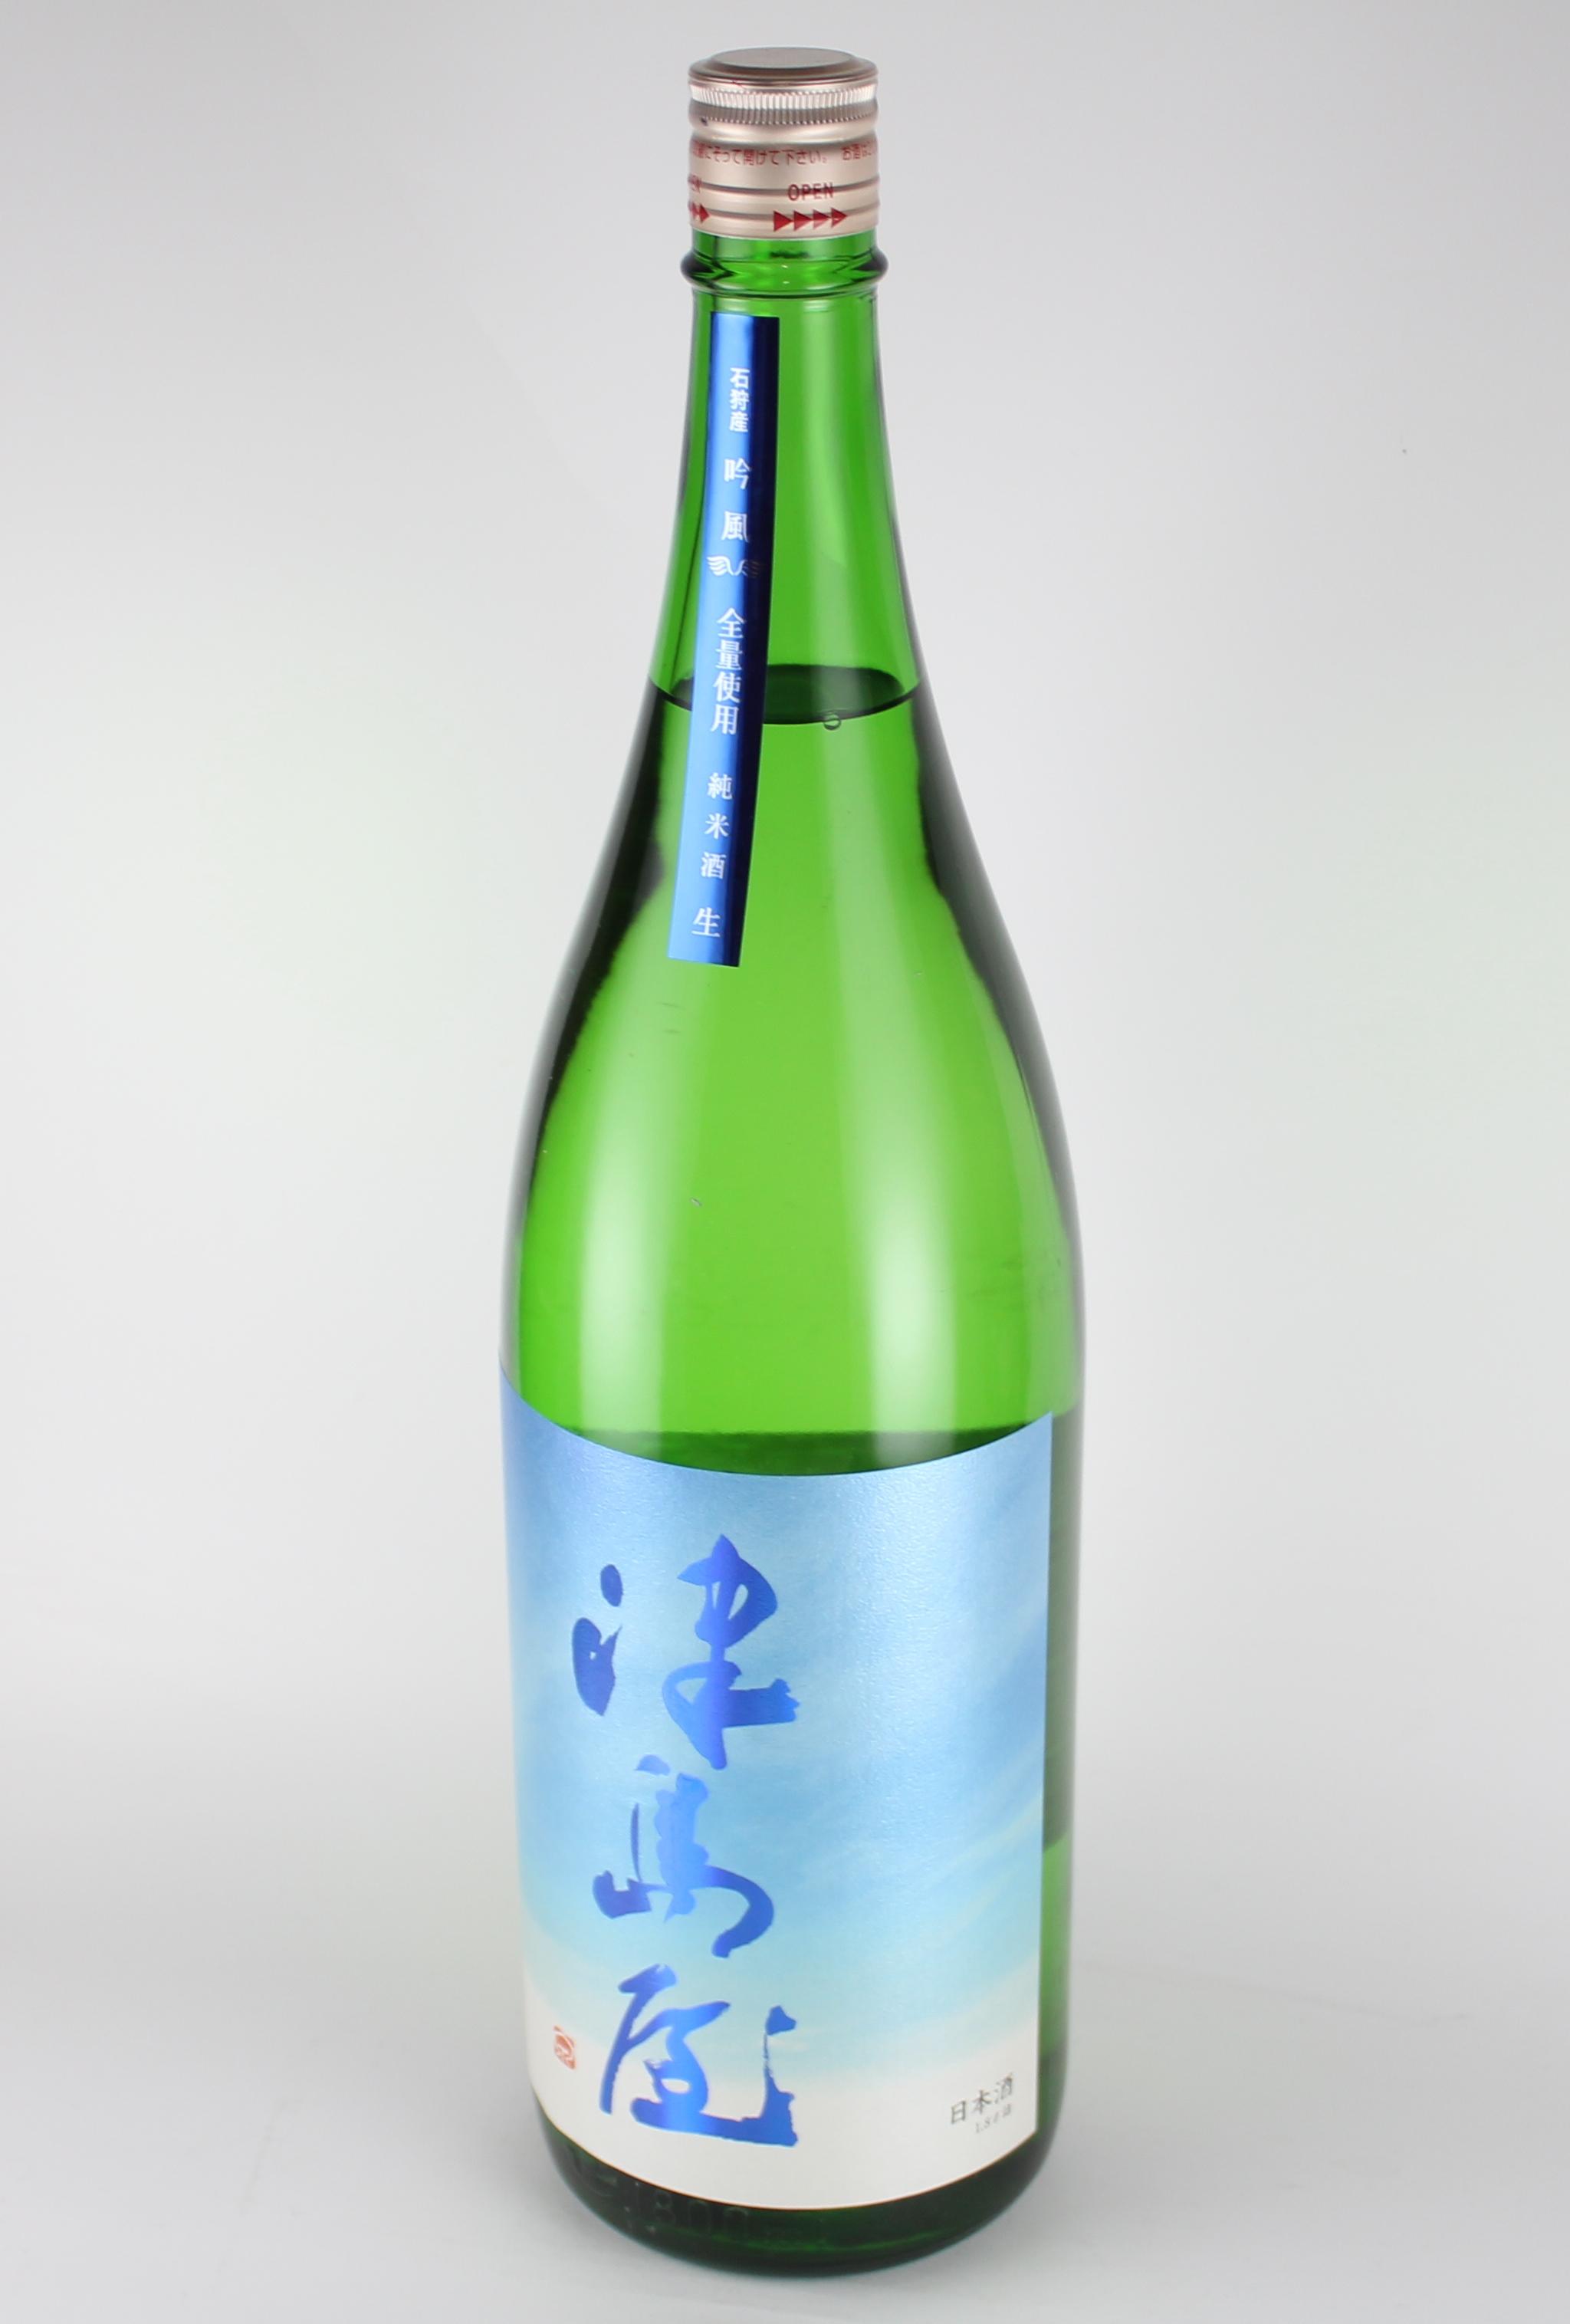 津島屋 純米無濾過生原酒 吟風 1800ml 【岐阜/御代桜醸造】2017醸造年度